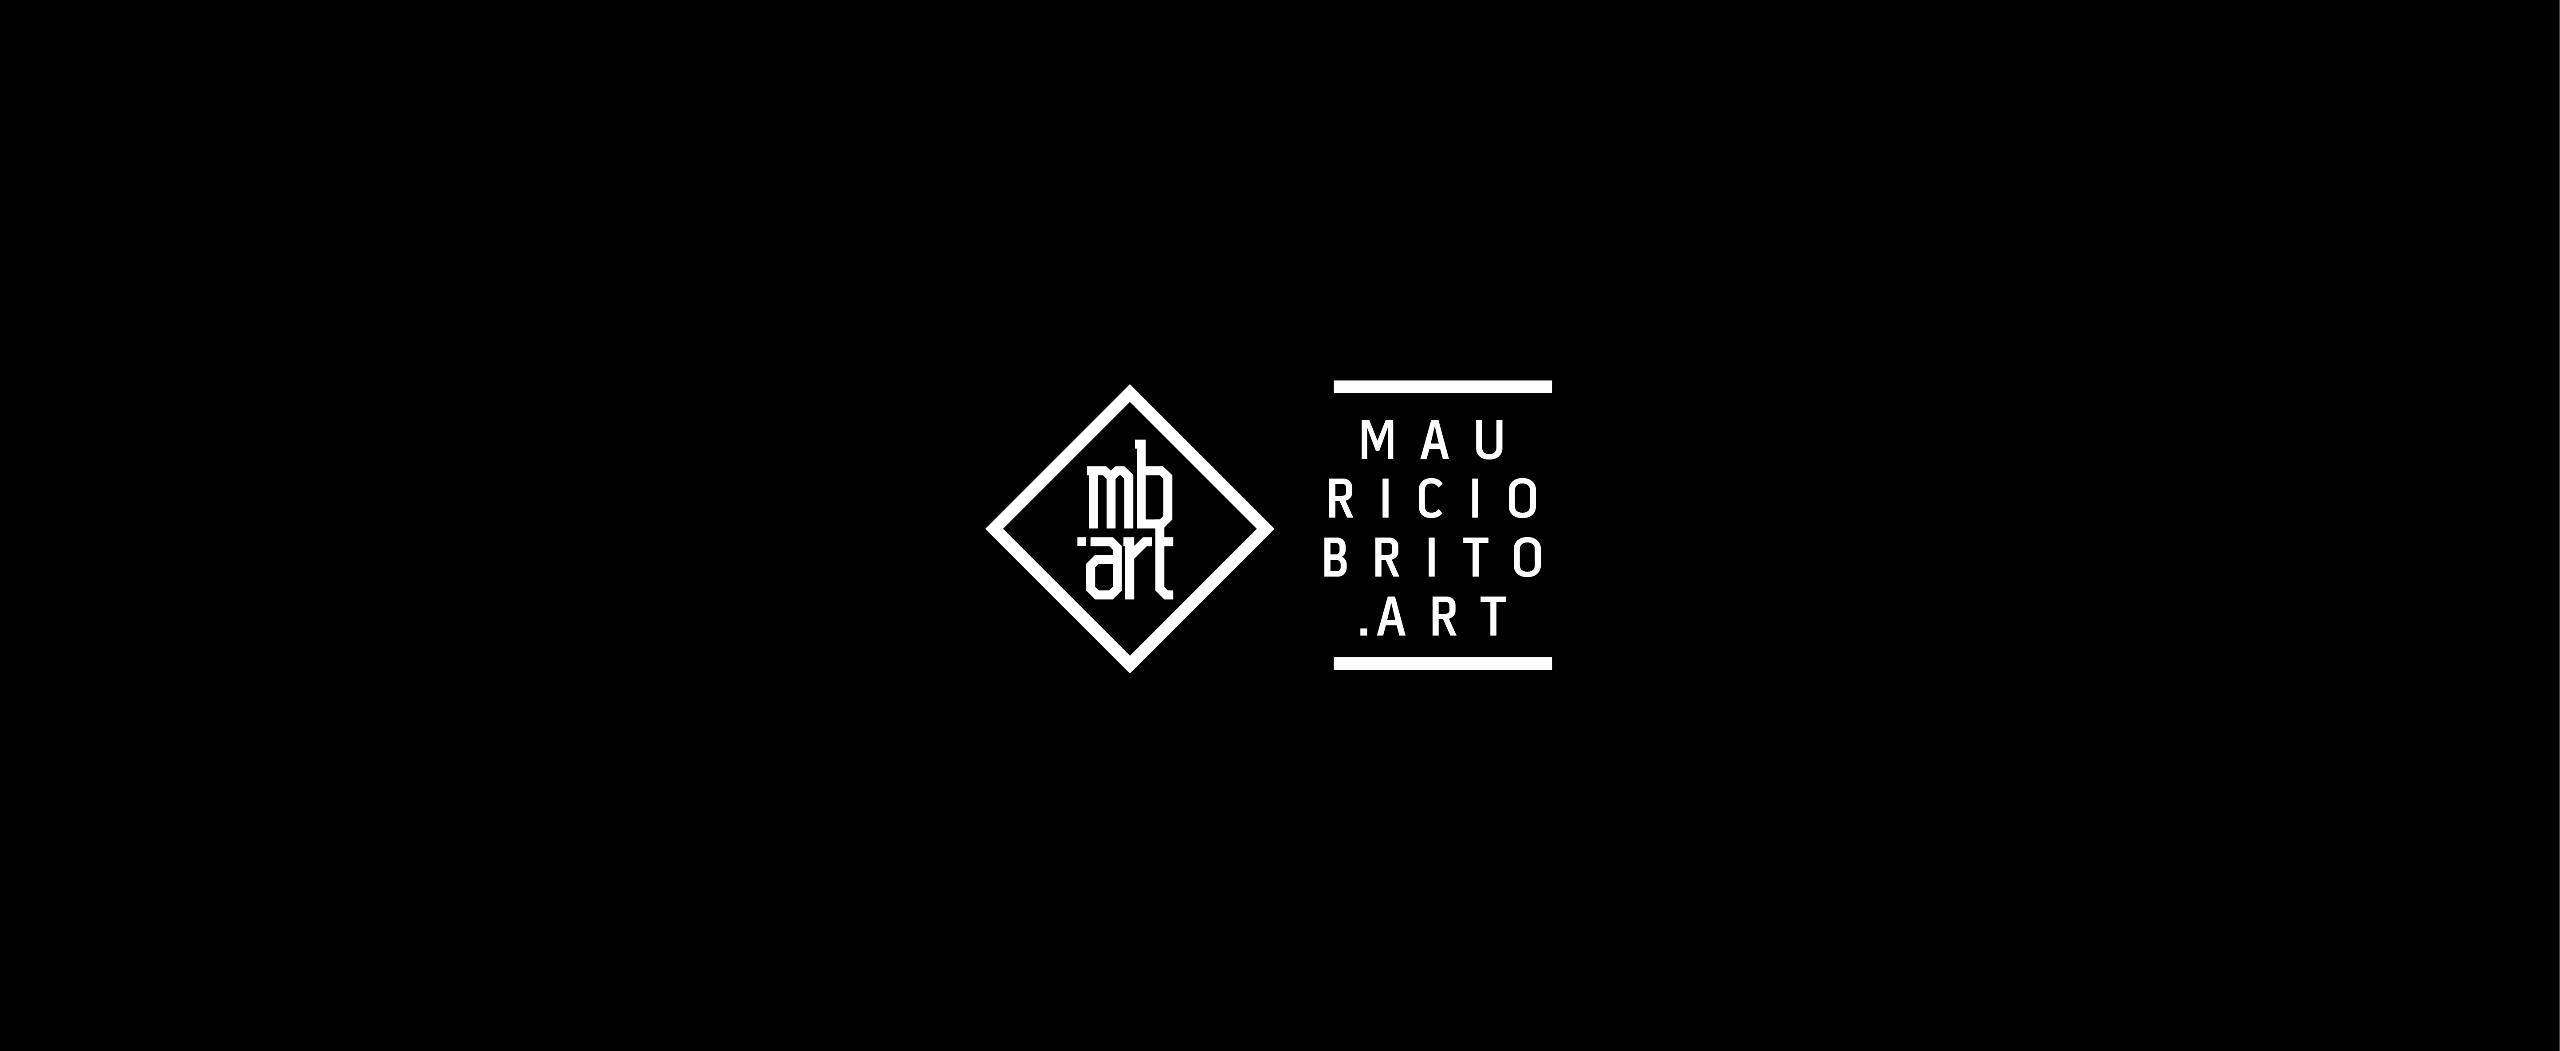 Mauricio Brito (@mauriciobrito) Cover Image